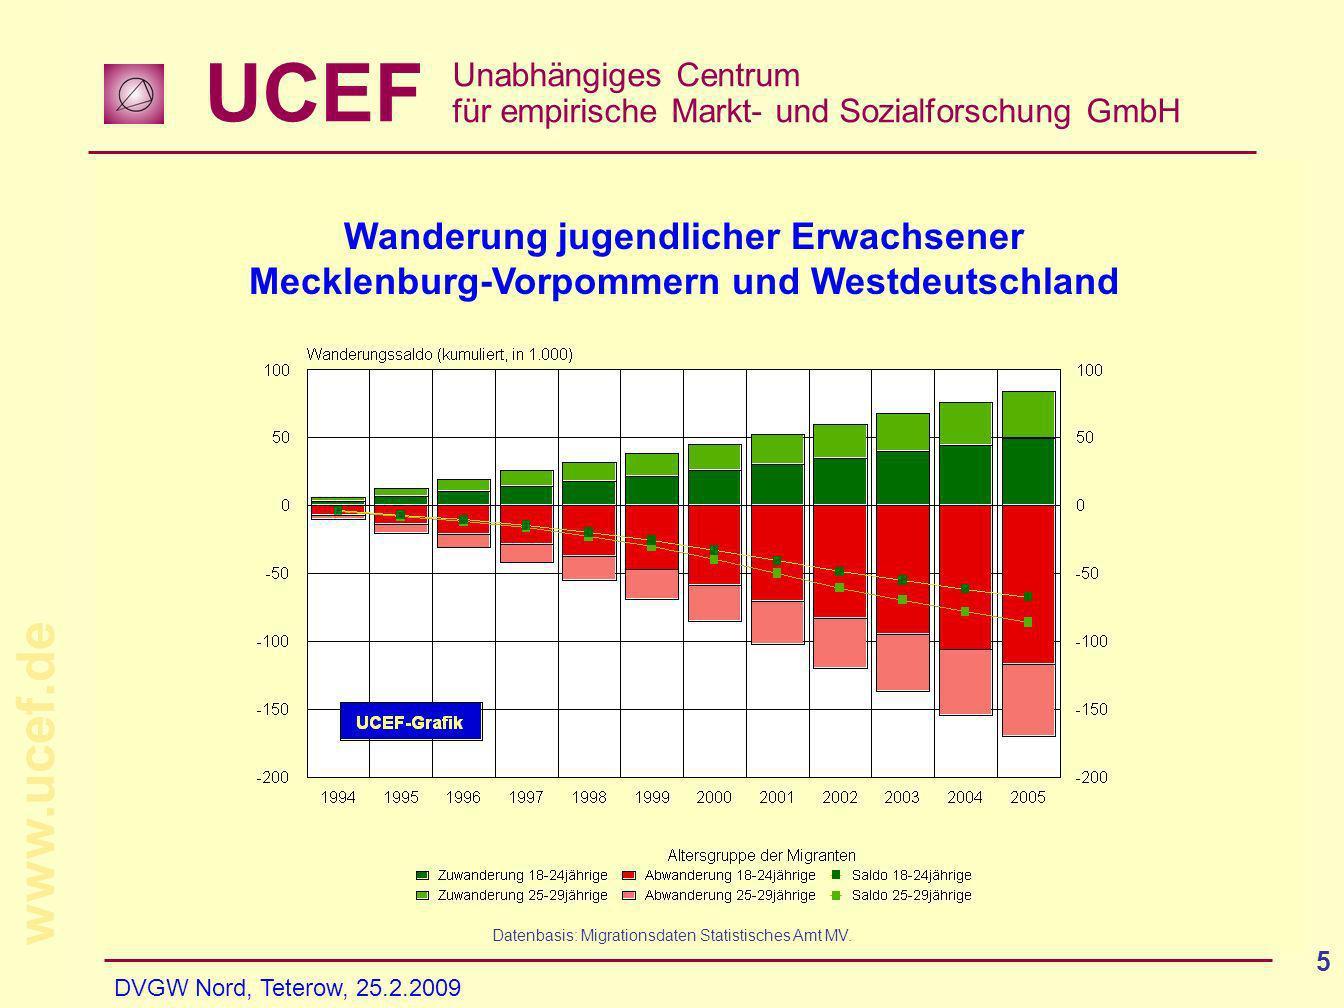 UCEF Unabhängiges Centrum für empirische Markt- und Sozialforschung GmbH www.ucef.de DVGW Nord, Teterow, 25.2.2009 5 Veralterung ist nicht gleich Vera